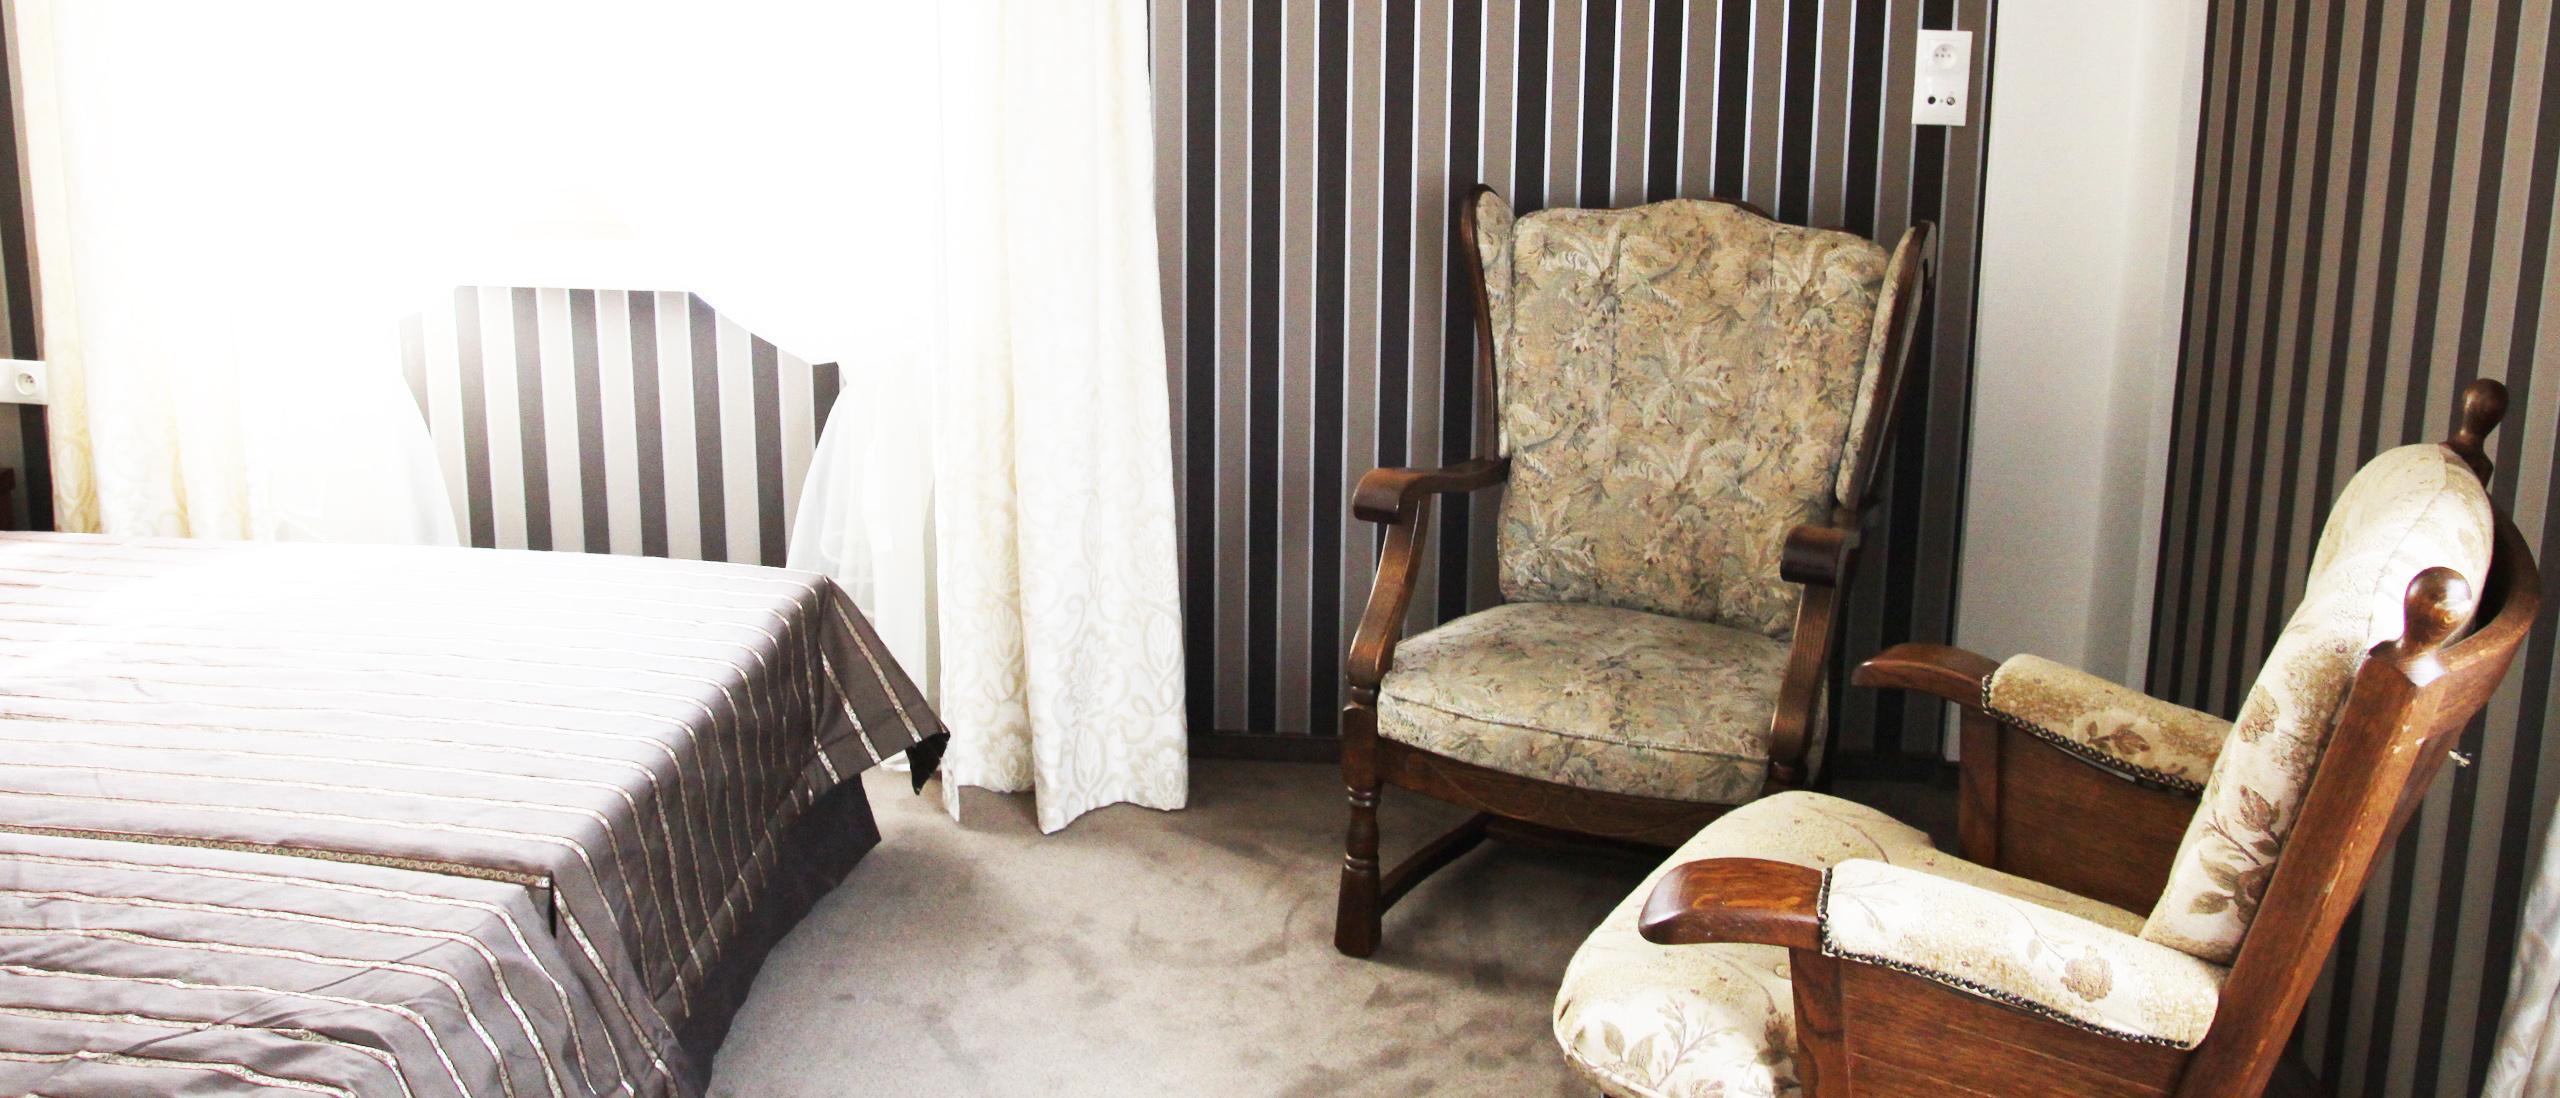 Hotel Fryderyk Rzeszów Noclegi opinie